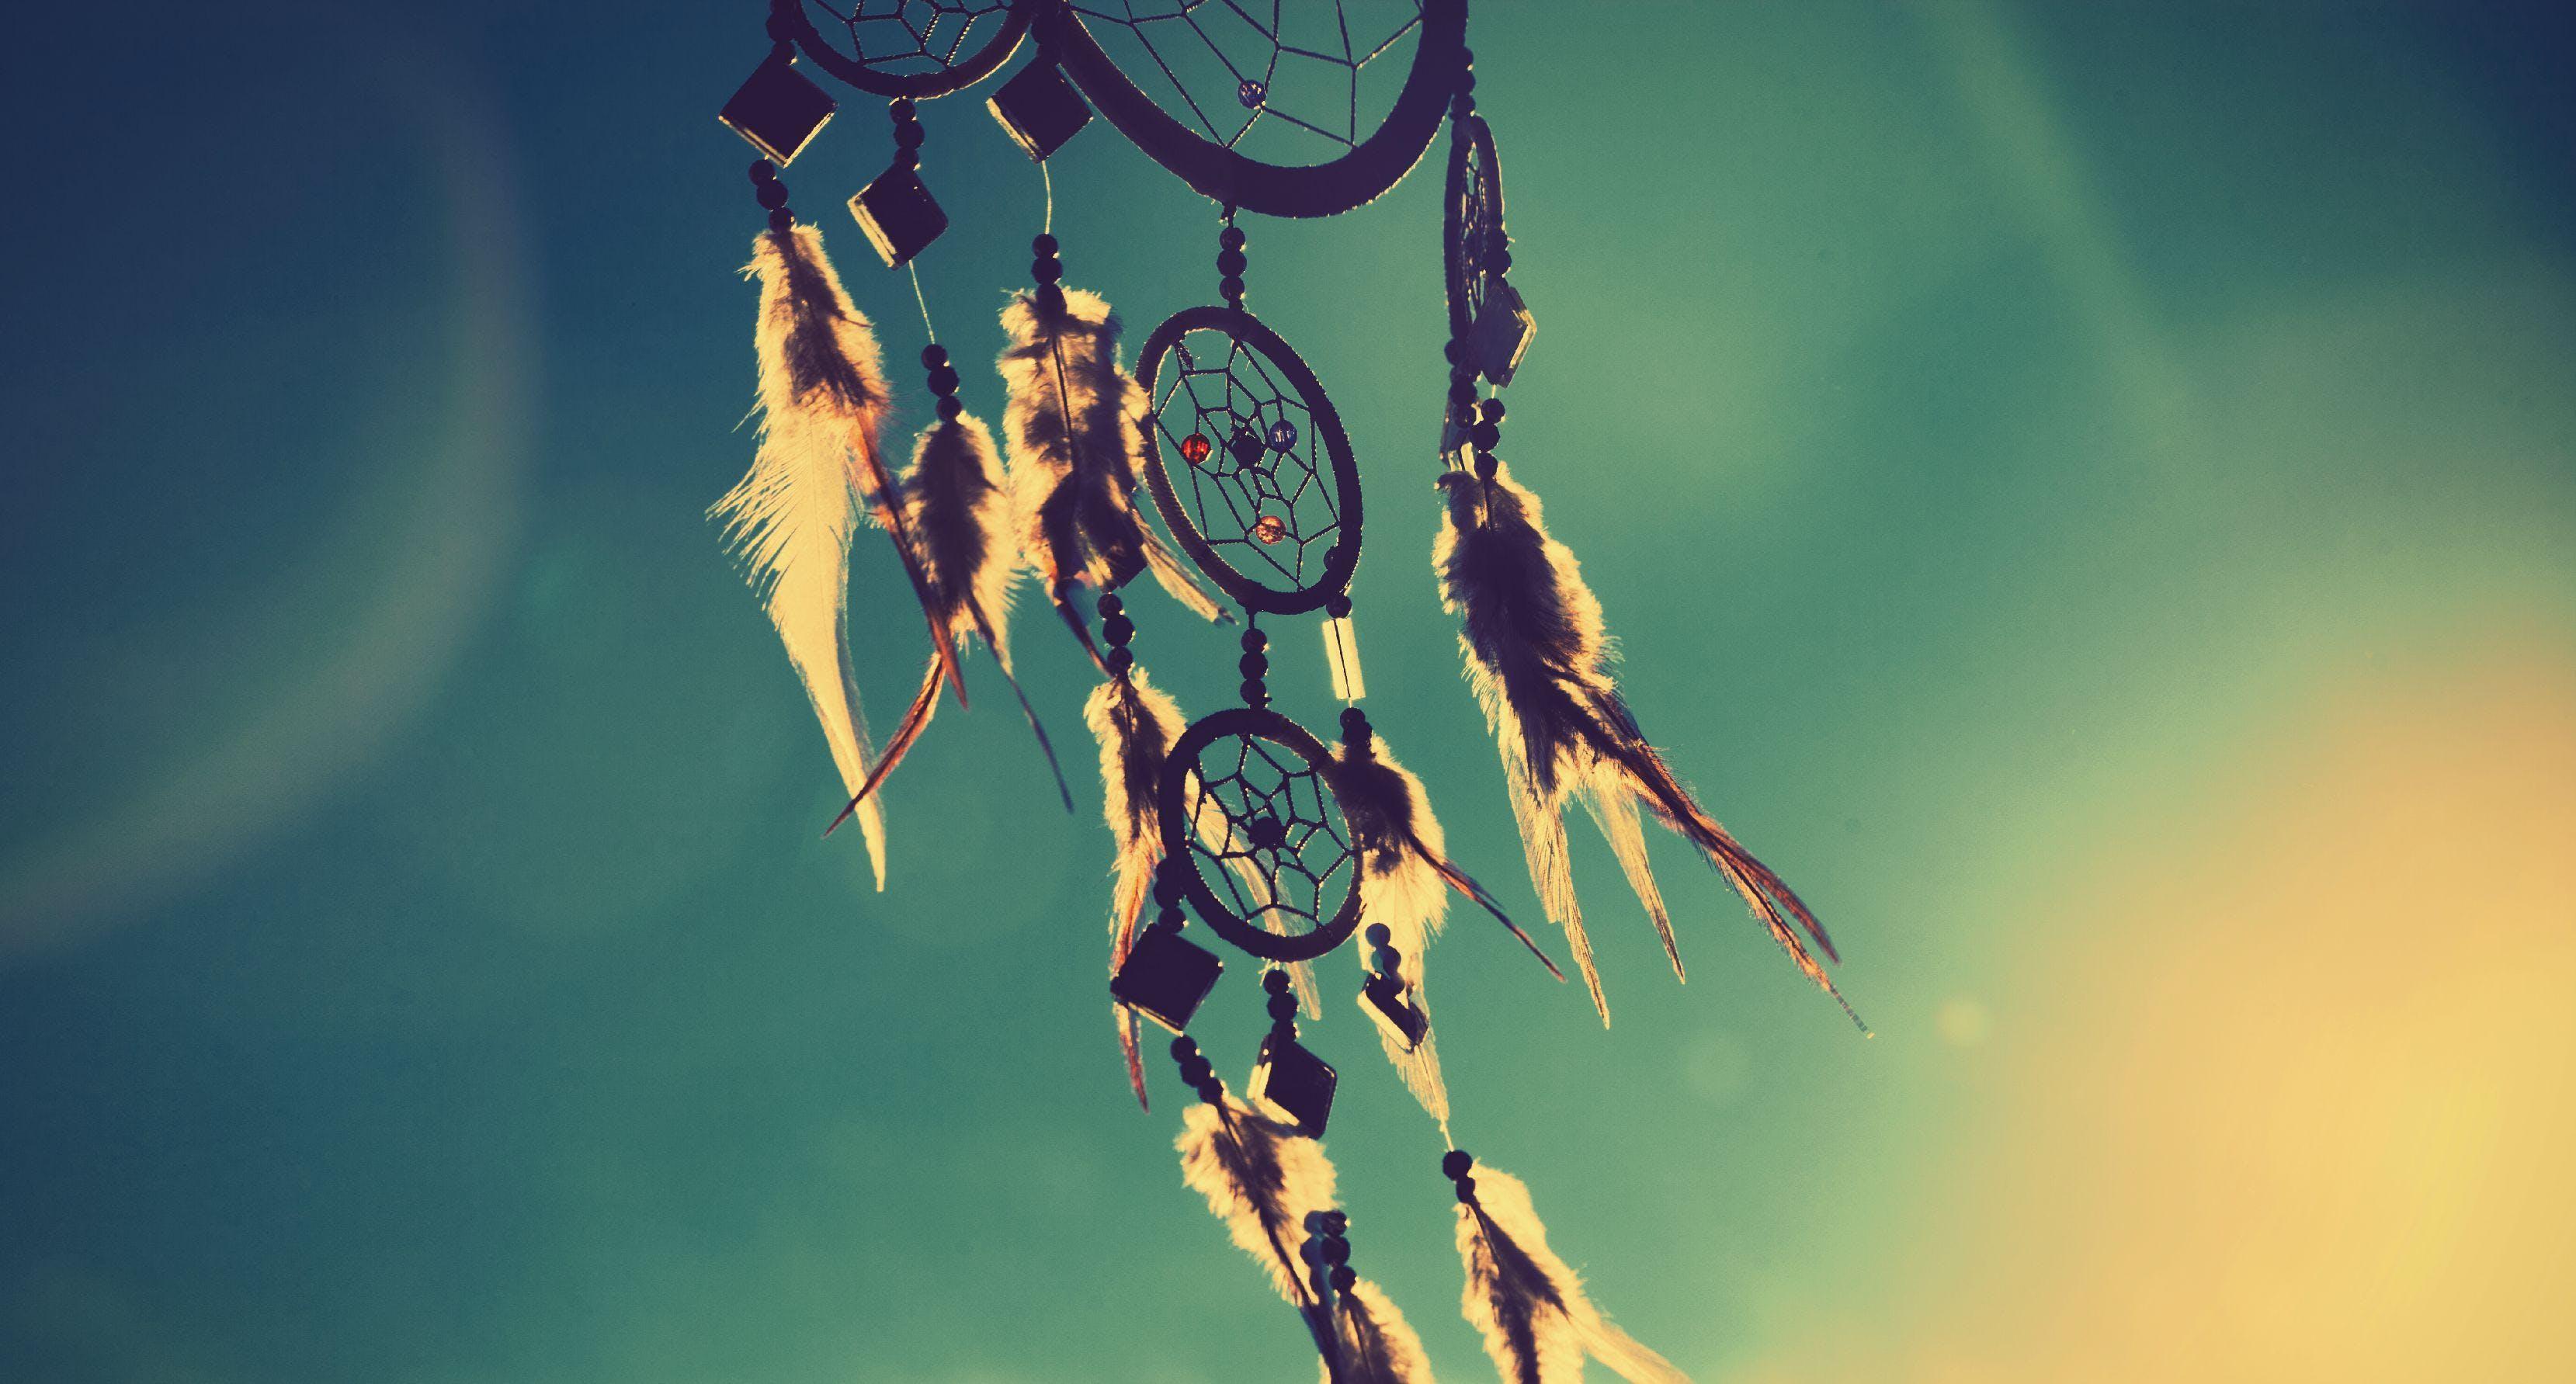 RÉENCHANTER SA VIE : Quand le rêve agit, je PRO-AGIS...